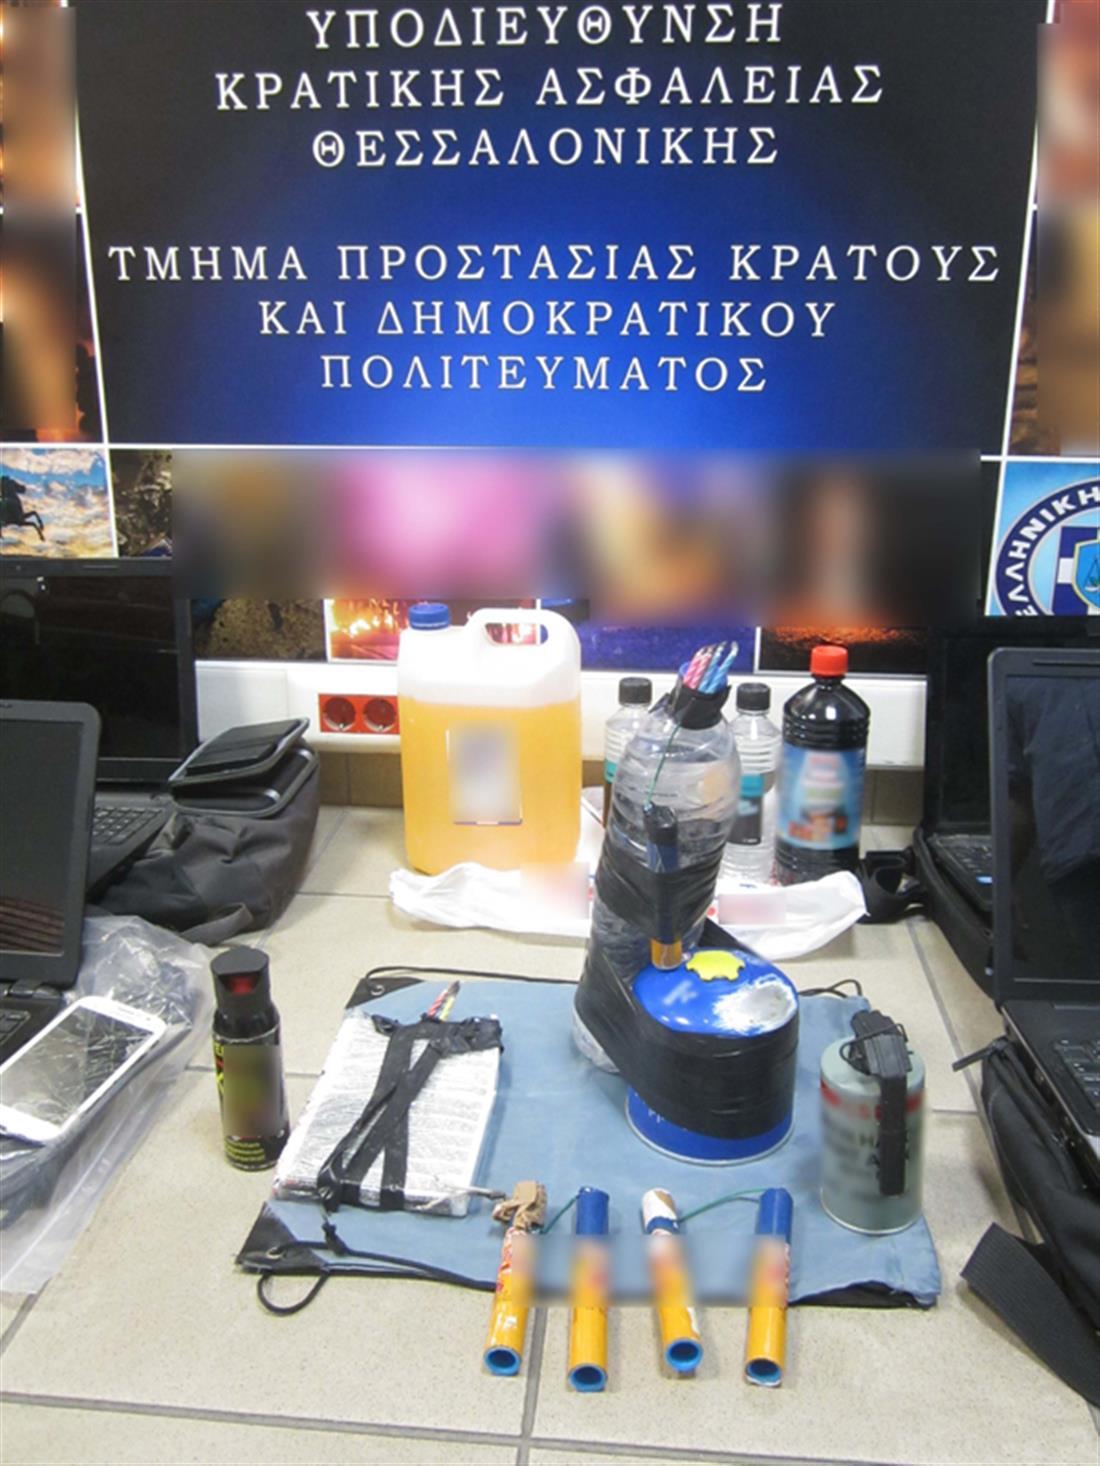 εκρηκτικά - εμπρηστικός μηχανισμός - Καλαμαριά - Δημήτρης Σταμάτης